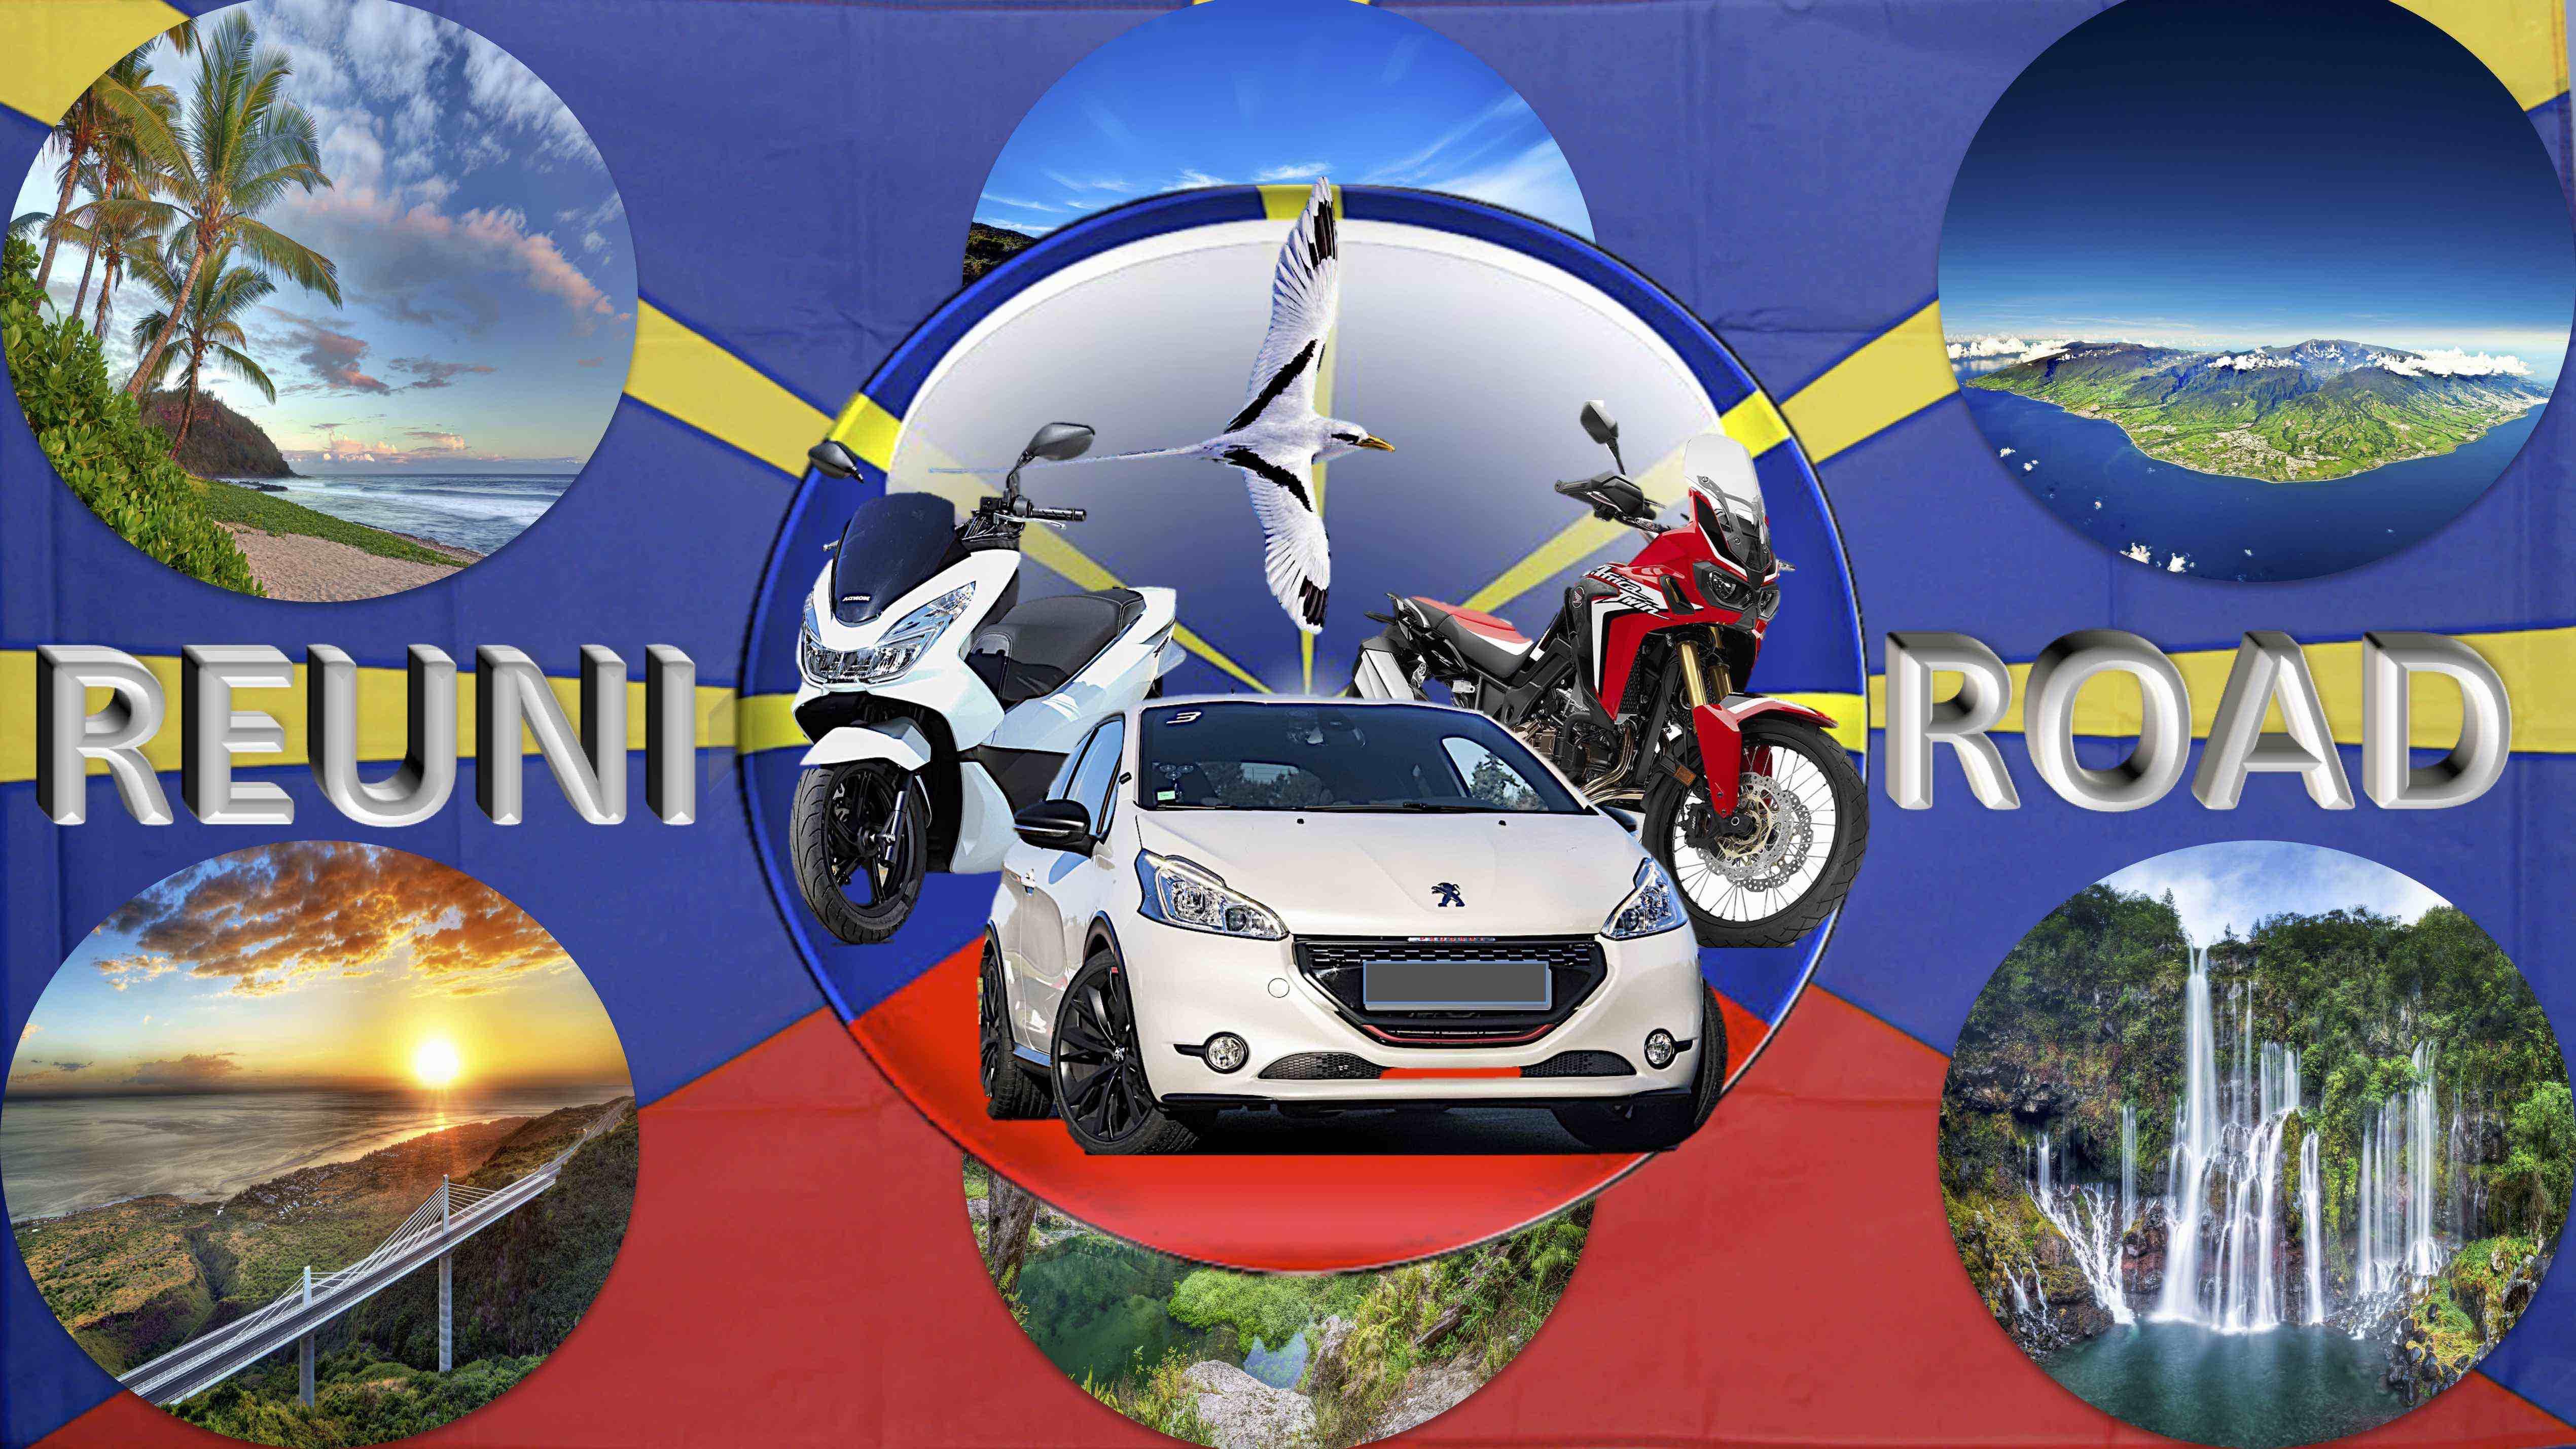 REUNI-ROAD - Autos - OUEST La Réunion 974